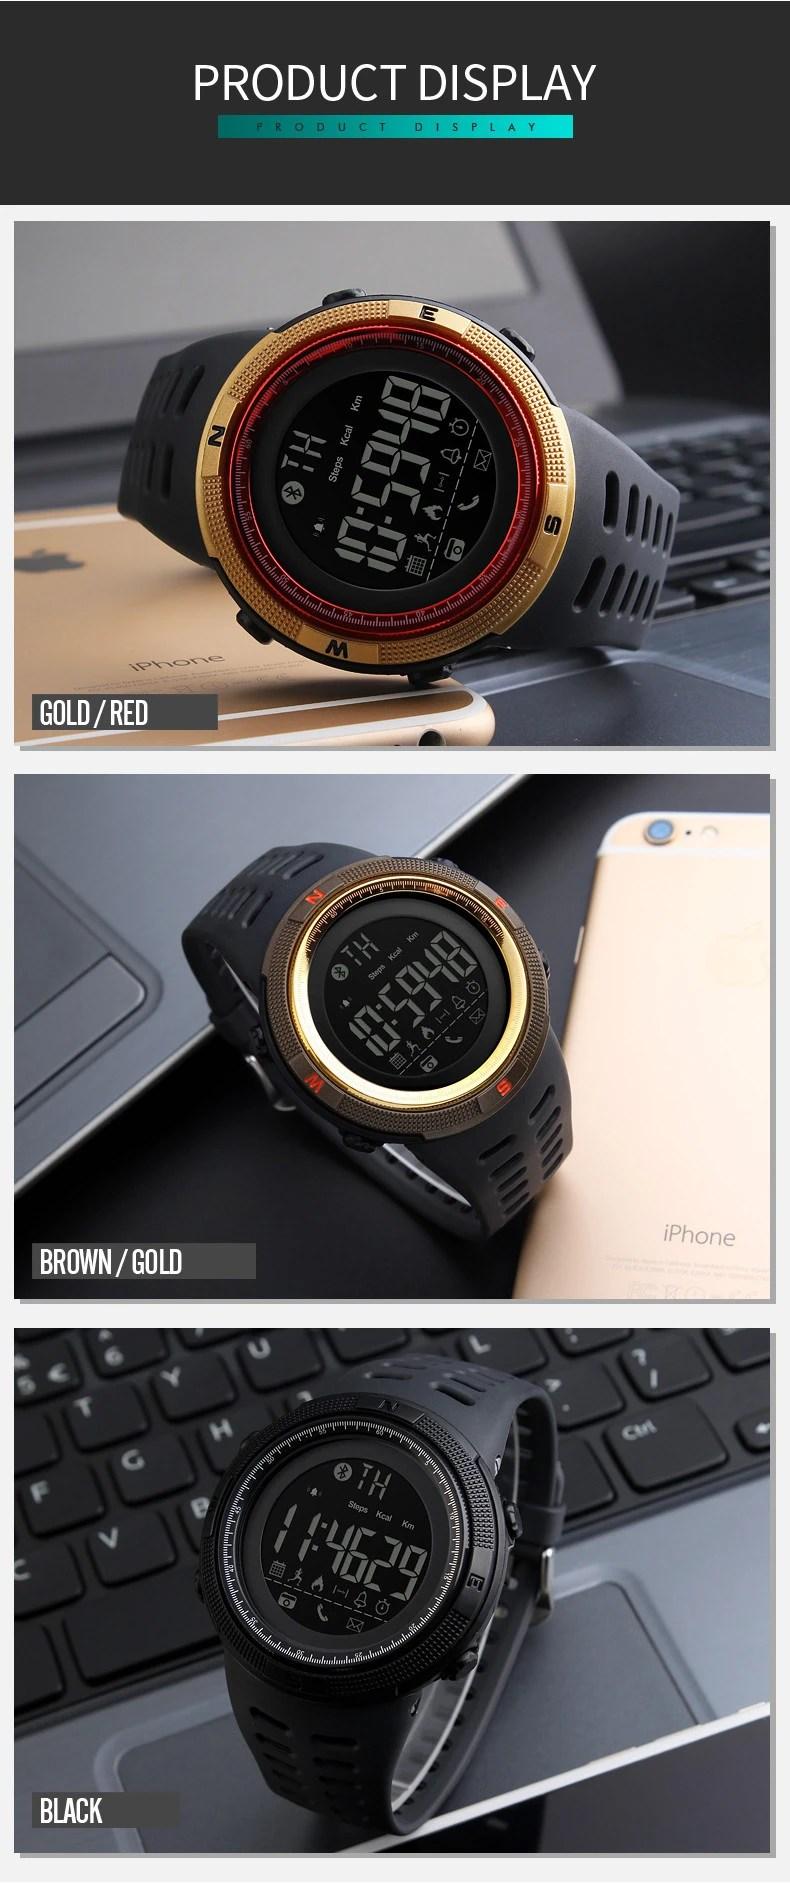 skmei 1250 smart watch dc28e1b0 3eb5 4724 bbdb 01d5b7257754.jpg   Online In Pakistan